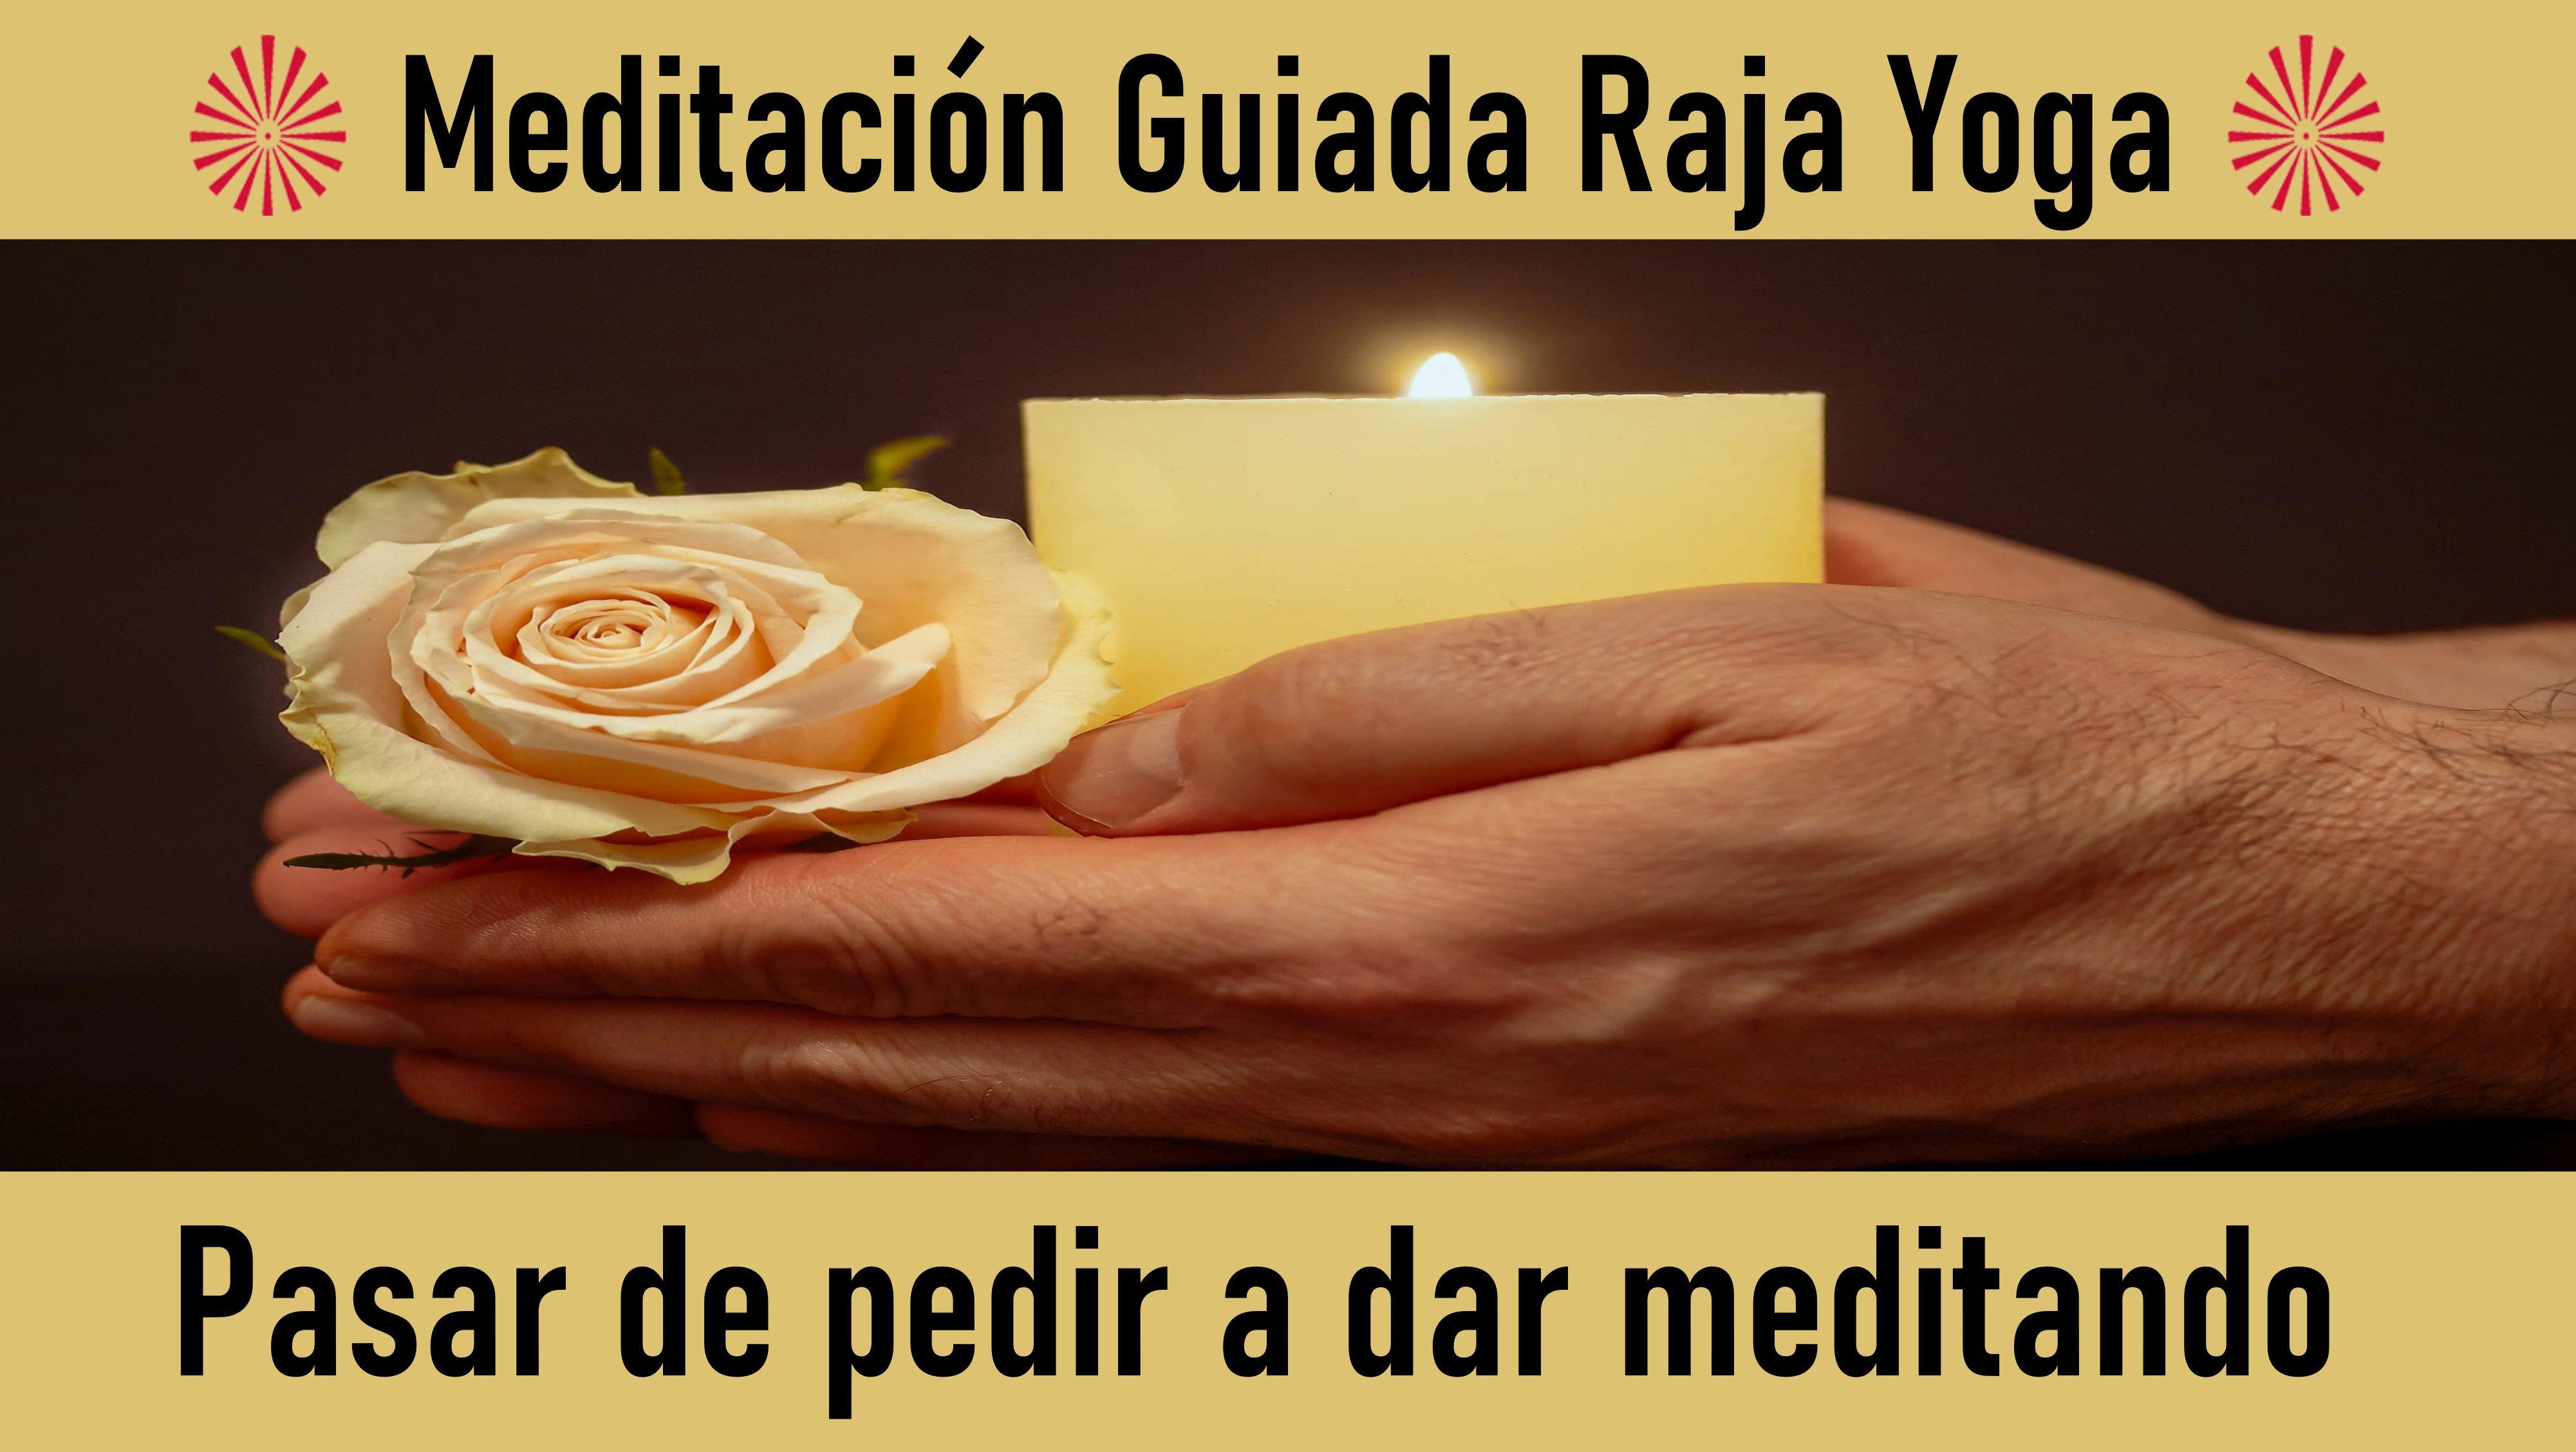 16 Septiembre 2020 Meditación guiada: Pasar de pedir a dar meditando